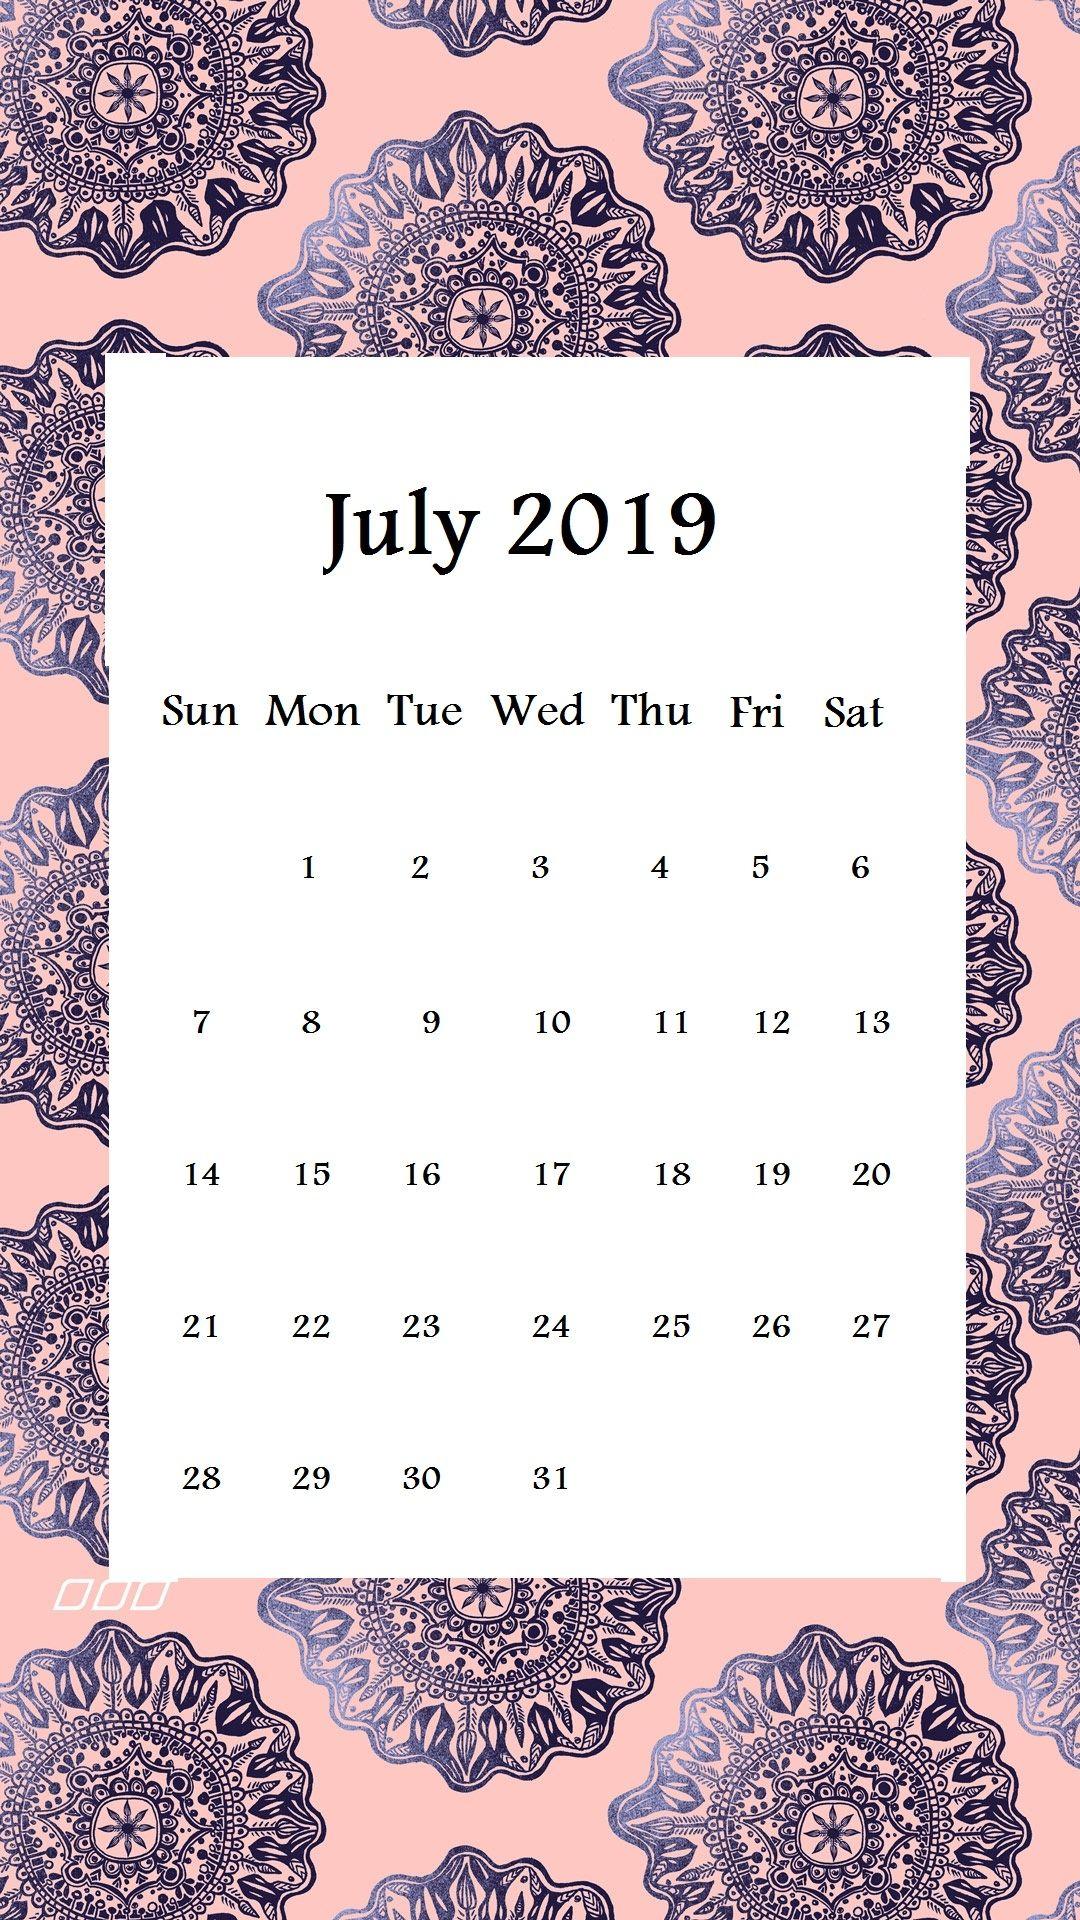 July 2019 Iphone Calendar Wallpaper Calendar Wallpaper Iphone